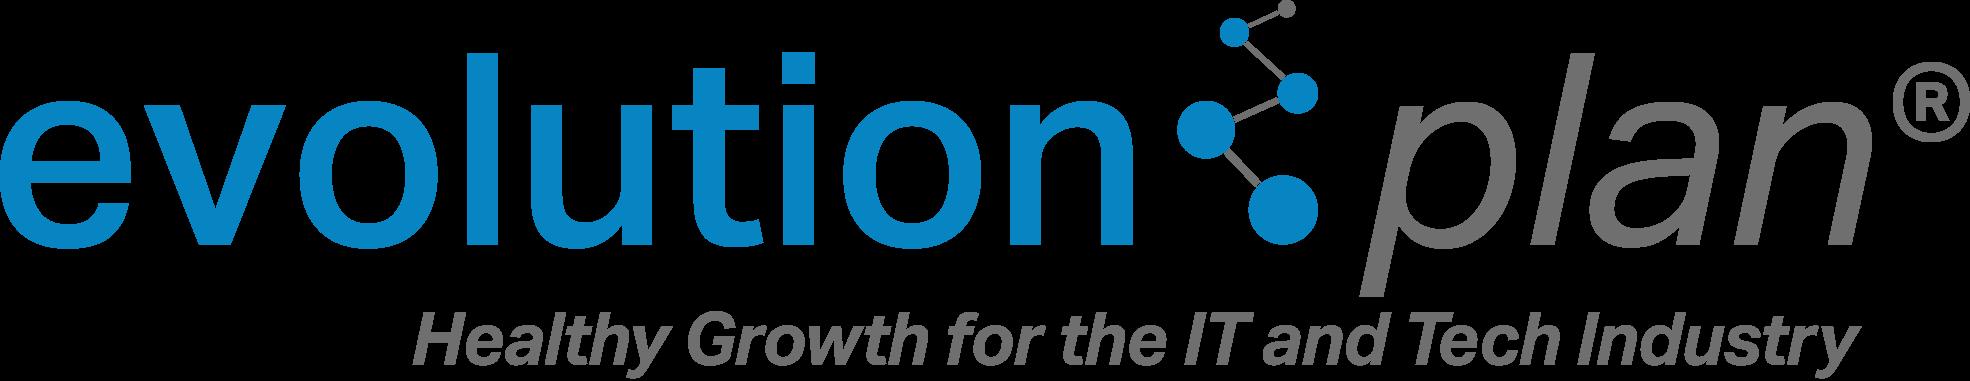 evolutionplan - Gesundes Wachstum für IT und Tech Unternehmen